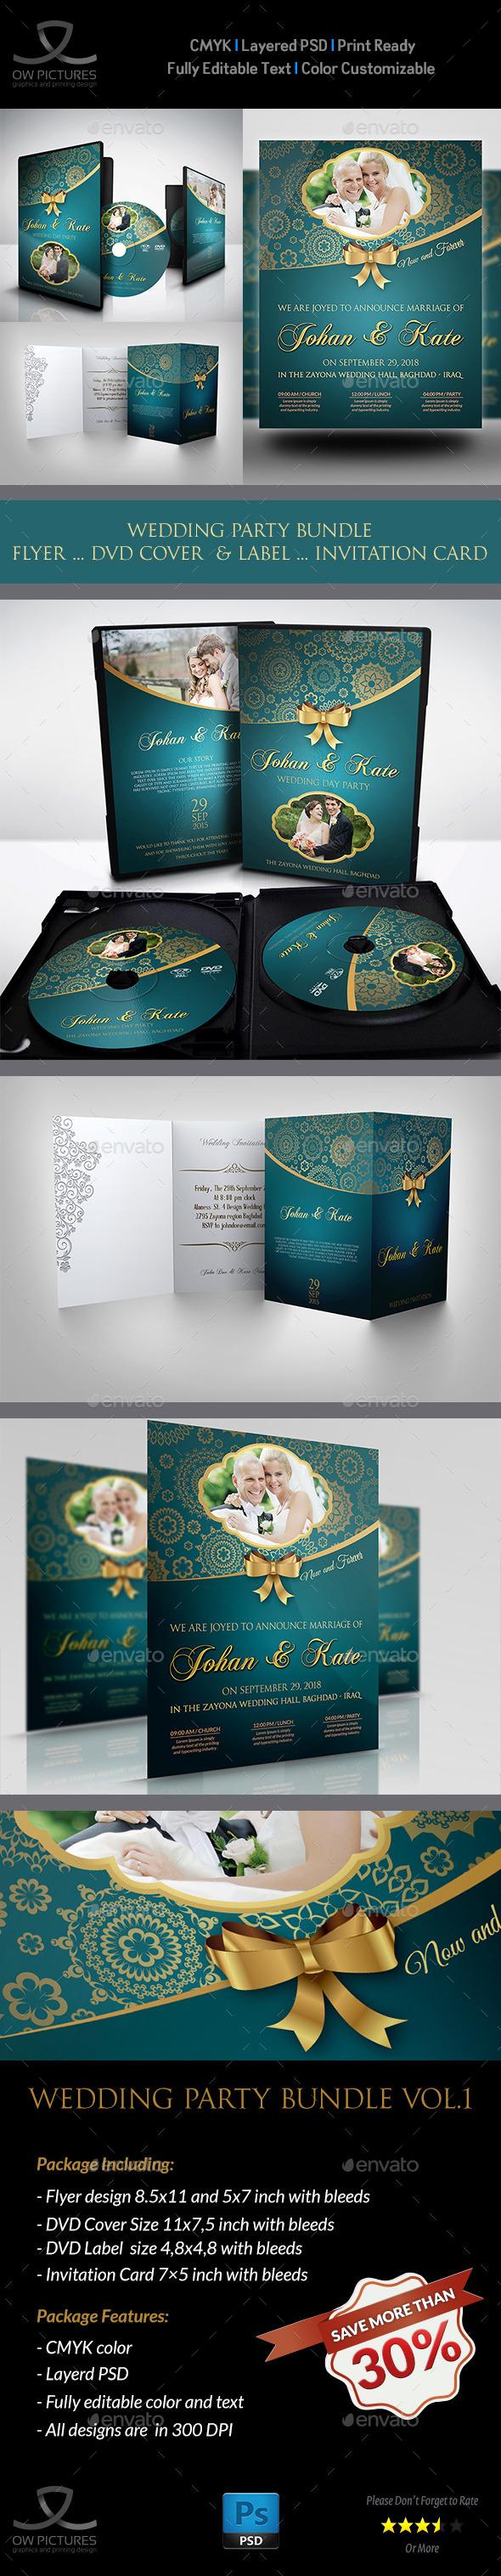 Wedding Party Bundle Vol.1